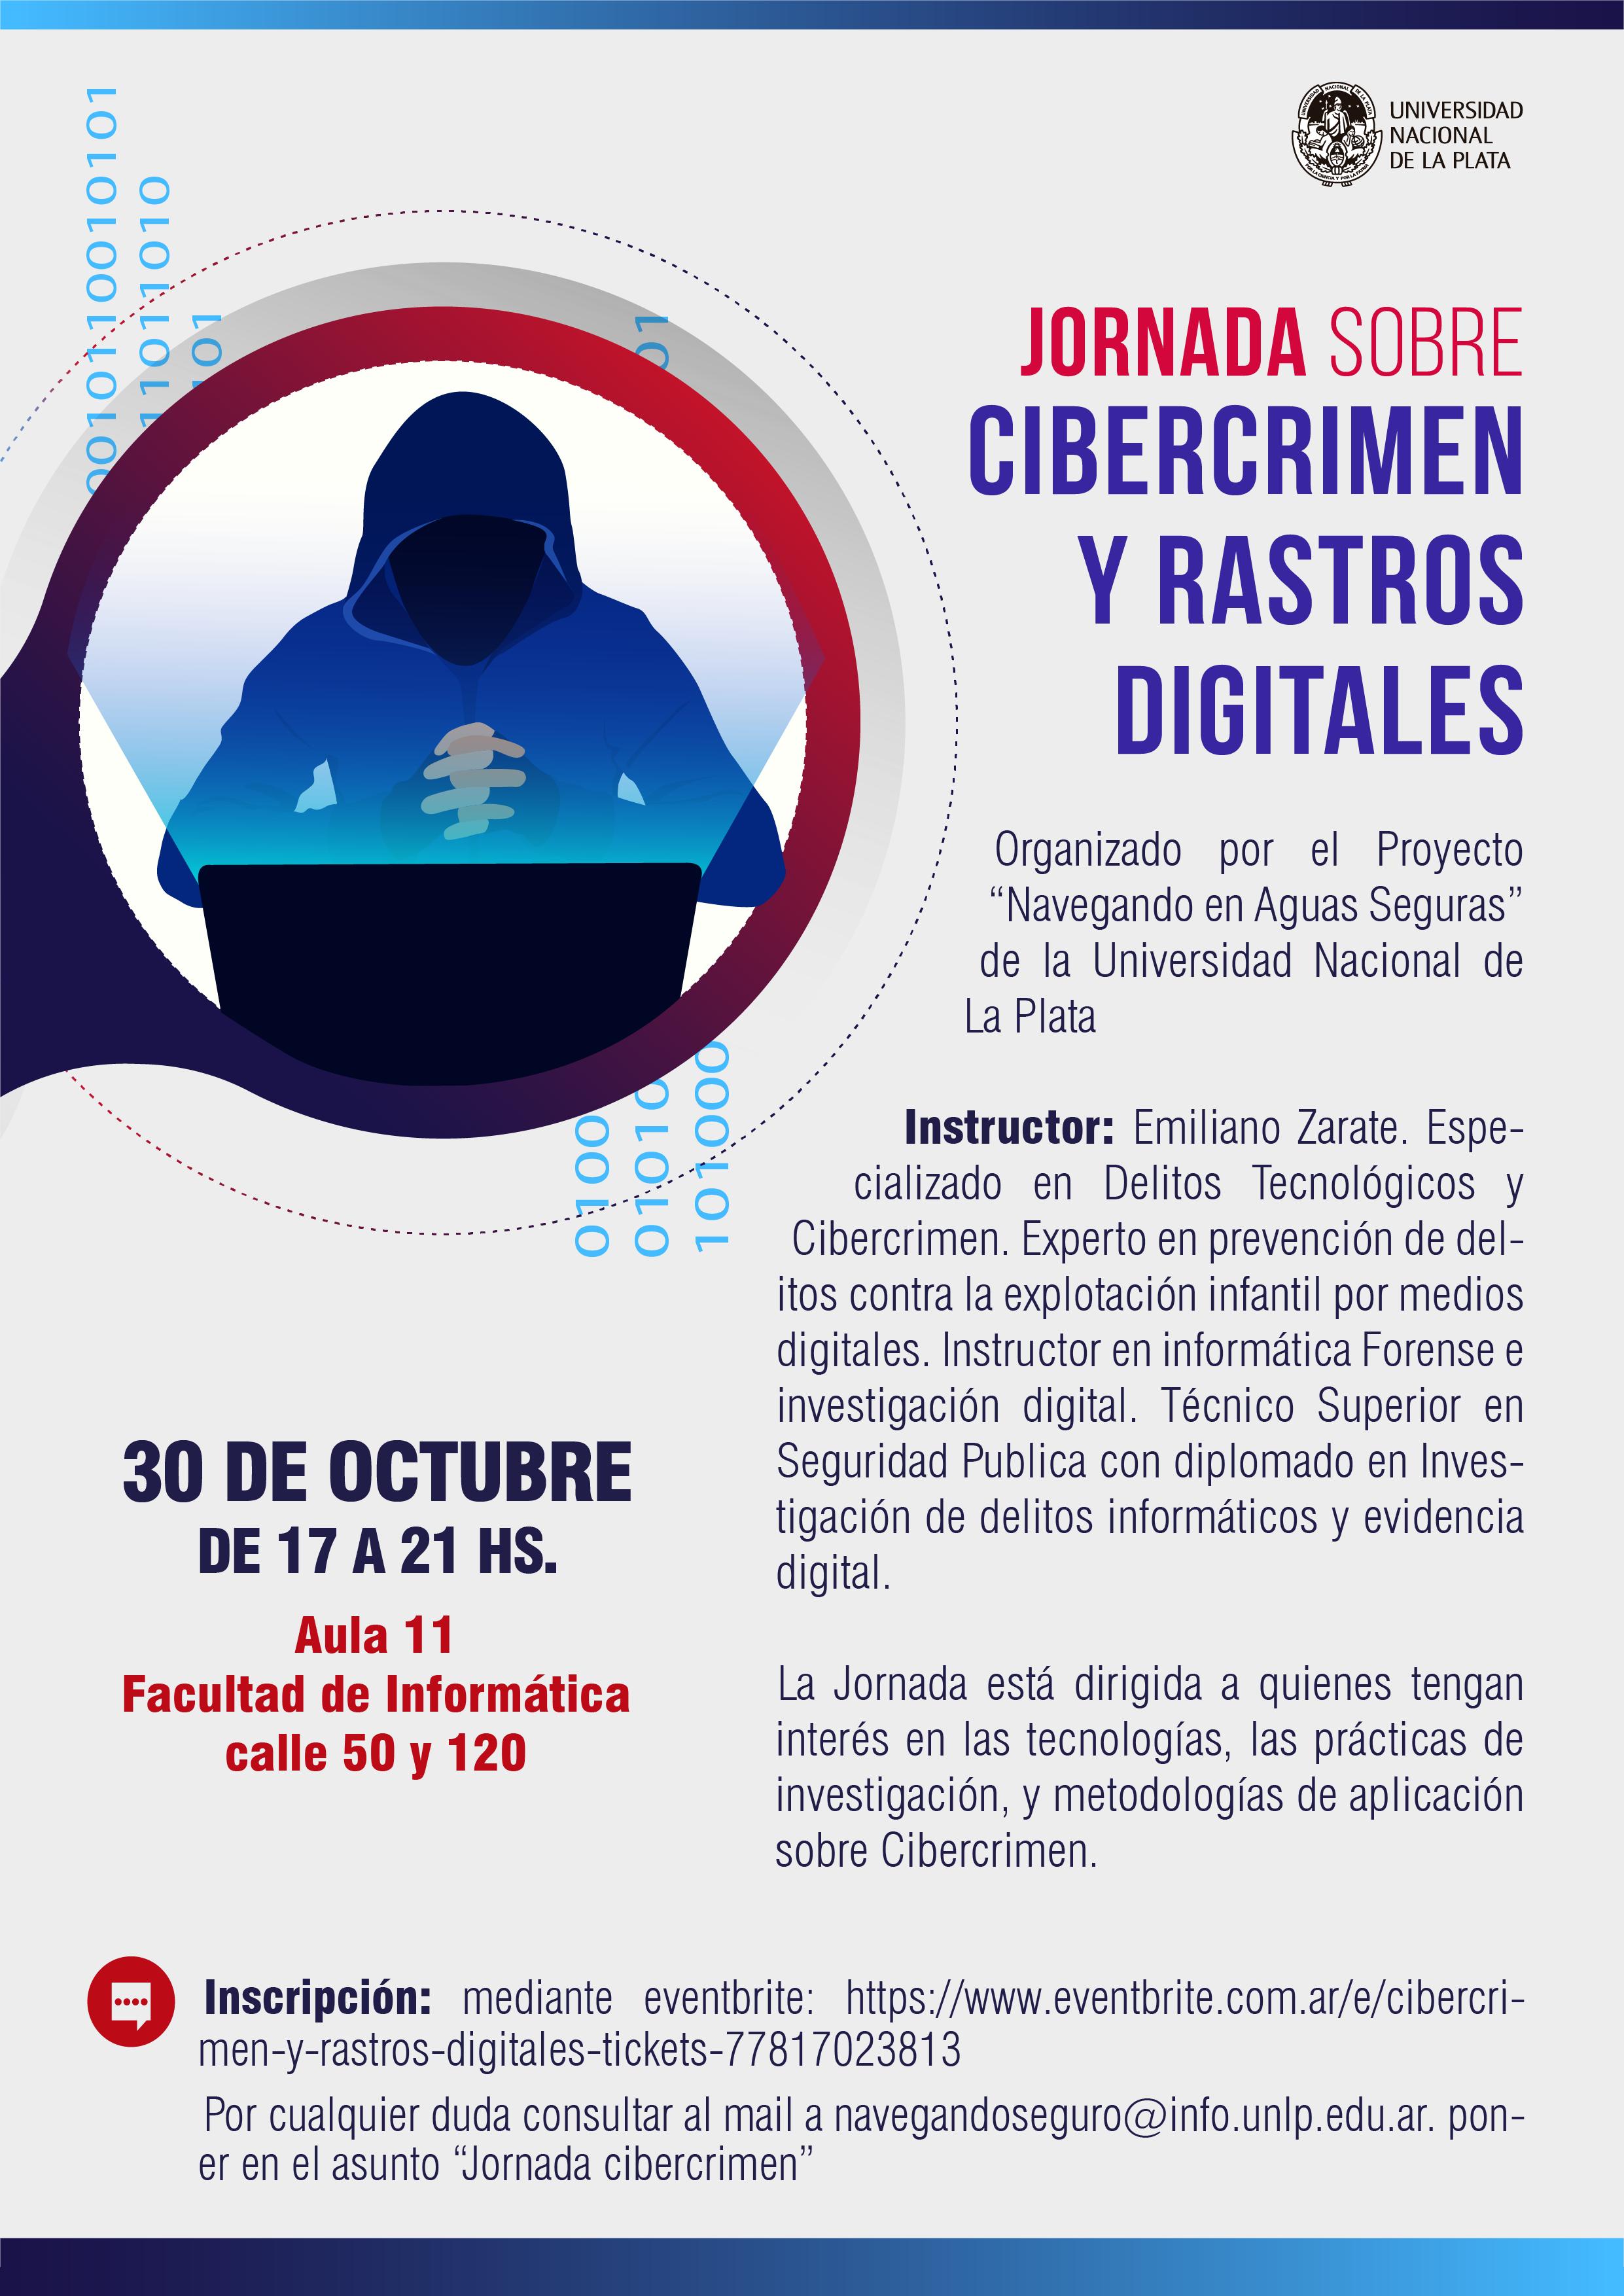 Jornada Cibercrimen - 30 de octubre - 17:00 a 21:00 hs